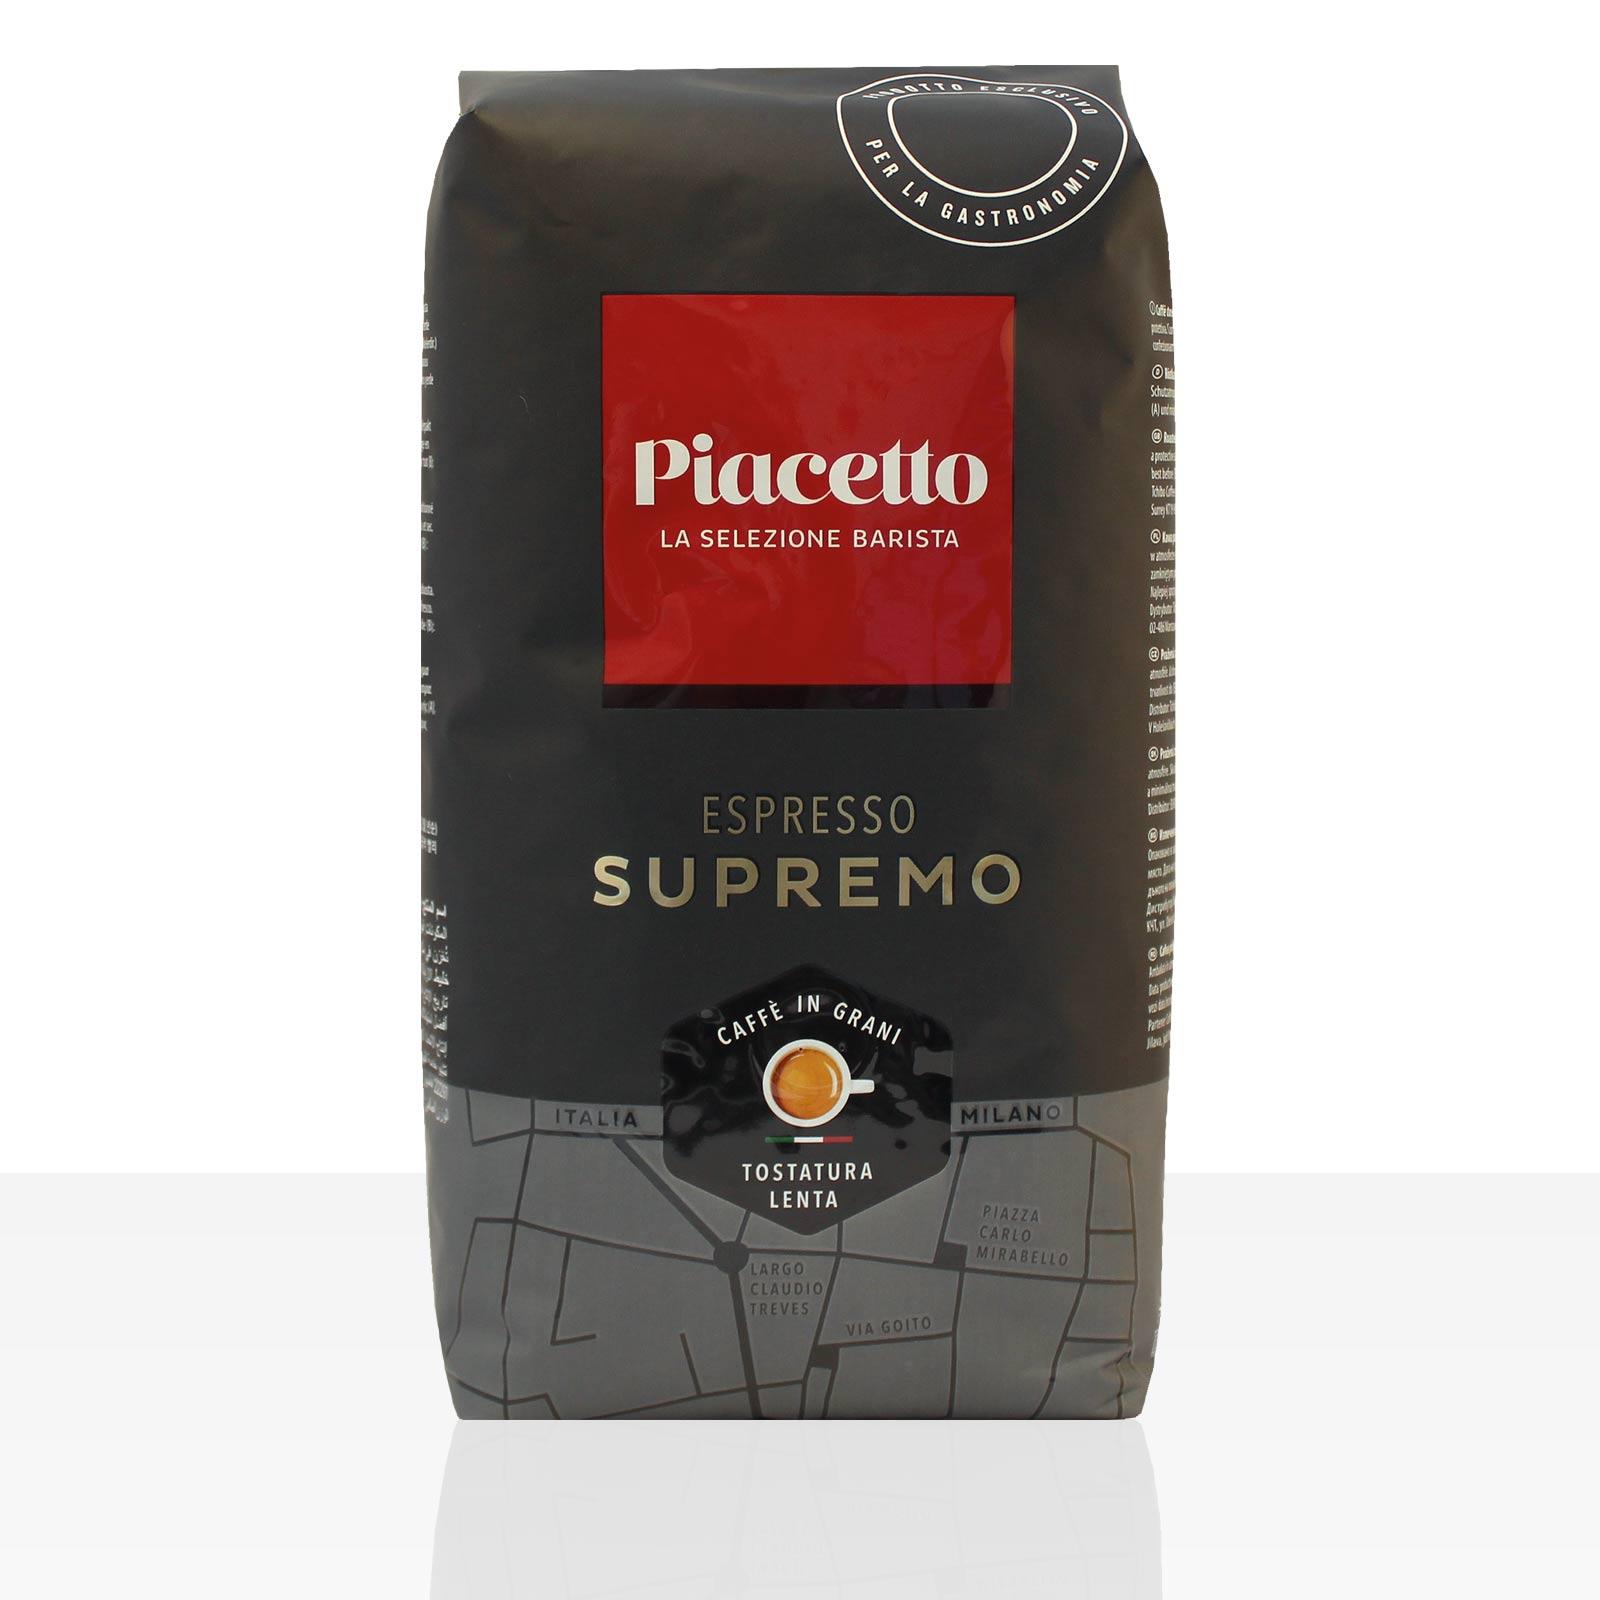 Piacetto Espresso Supremo Espresso - 6 x 1kg ganze Kaffee-Bohne